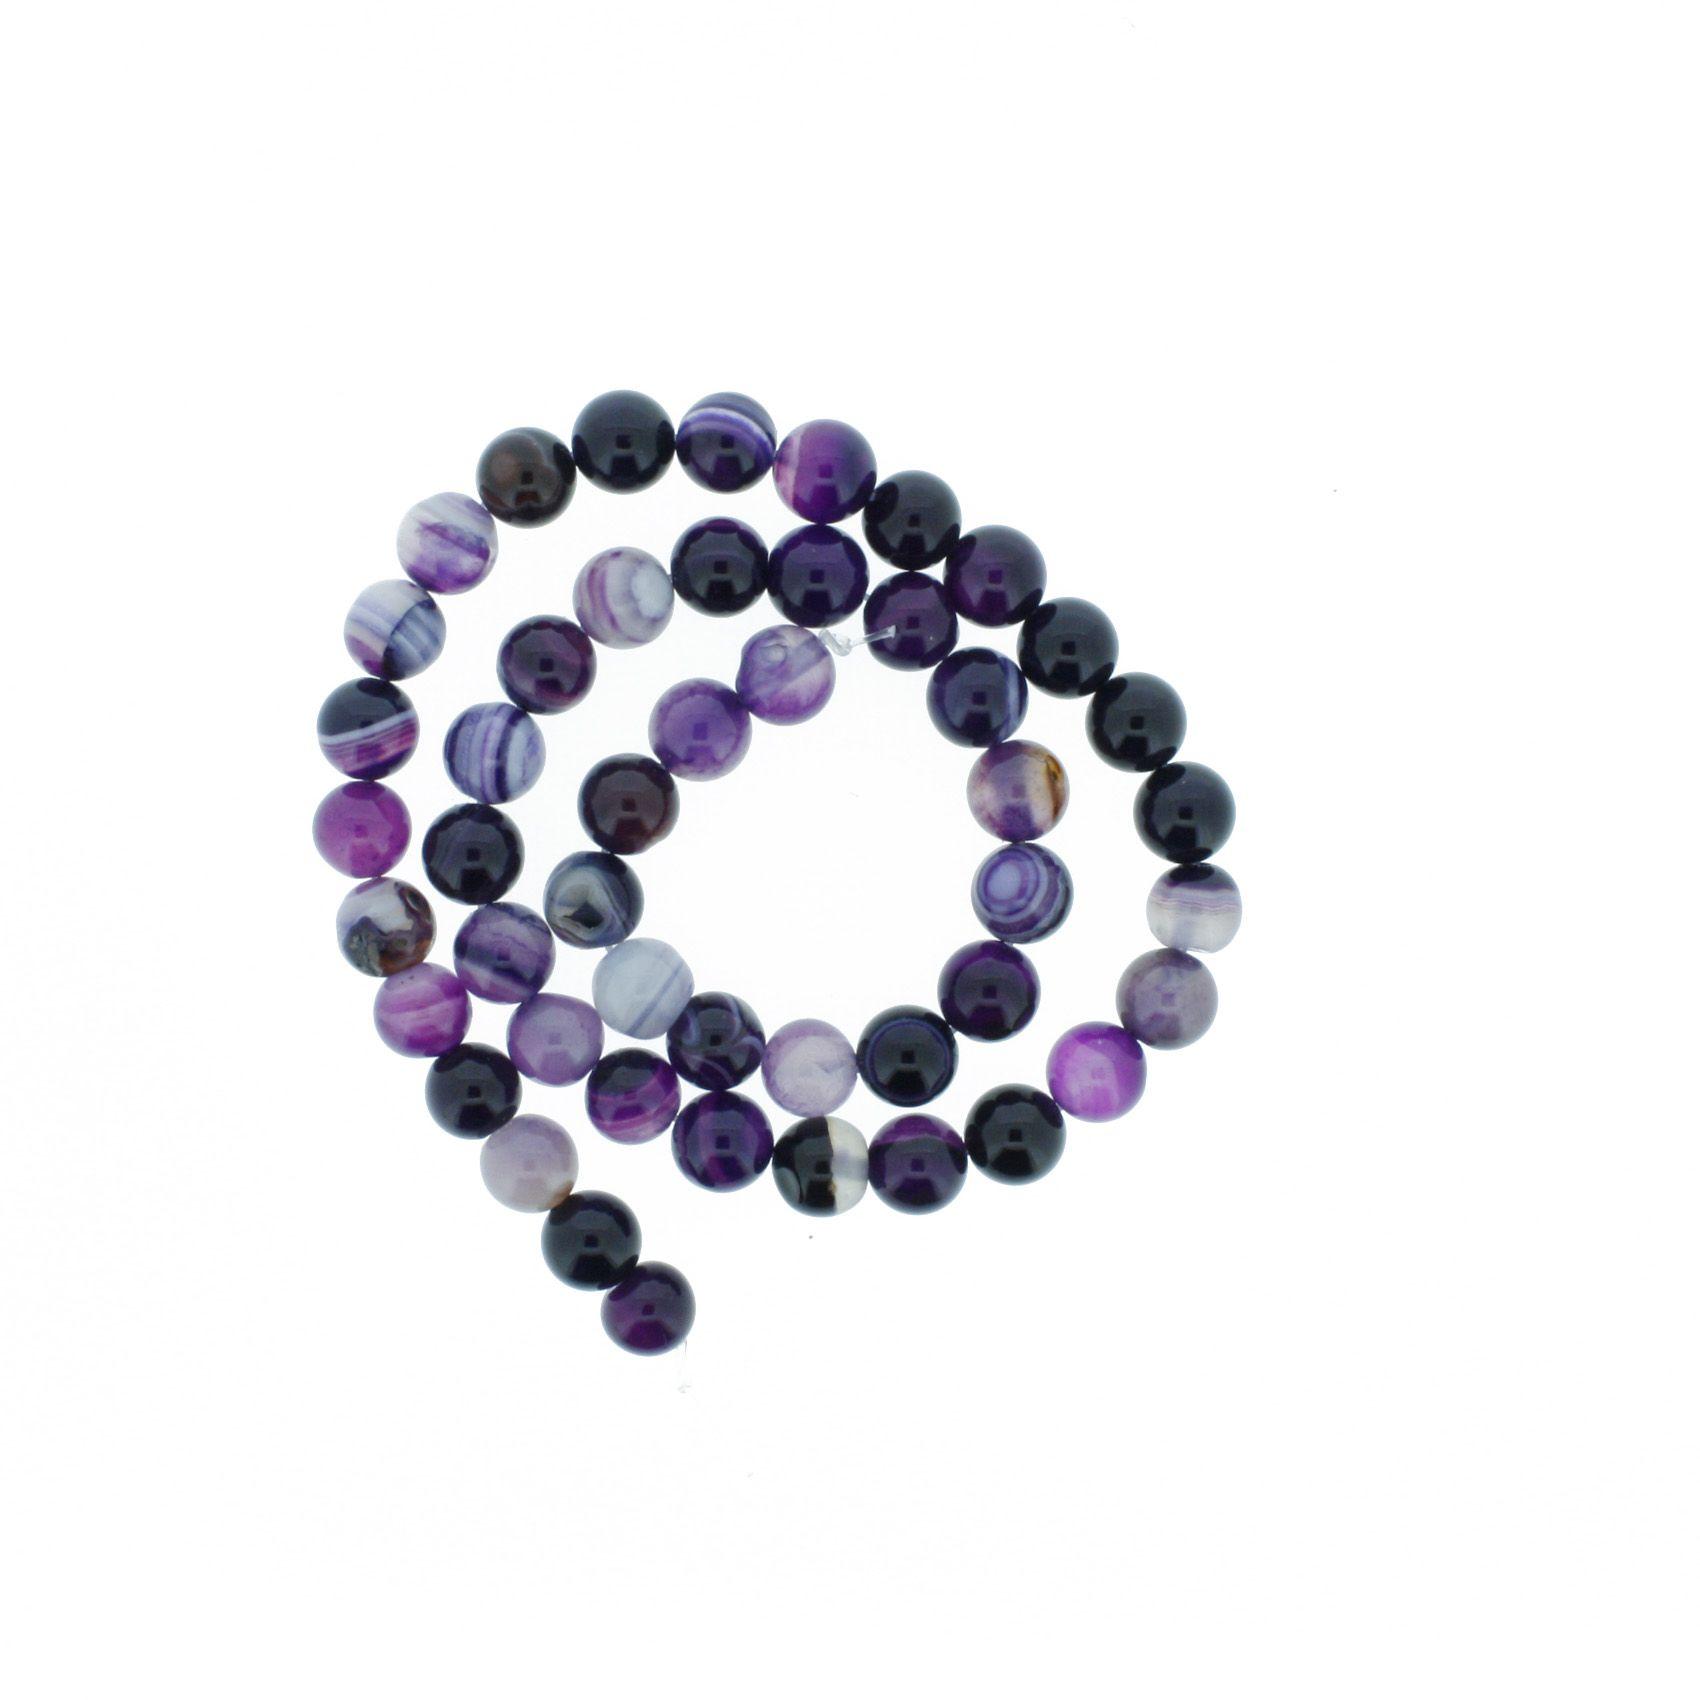 Fio de Pedra - Ágata Roxa - 8mm  - Stéphanie Bijoux® - Peças para Bijuterias e Artesanato